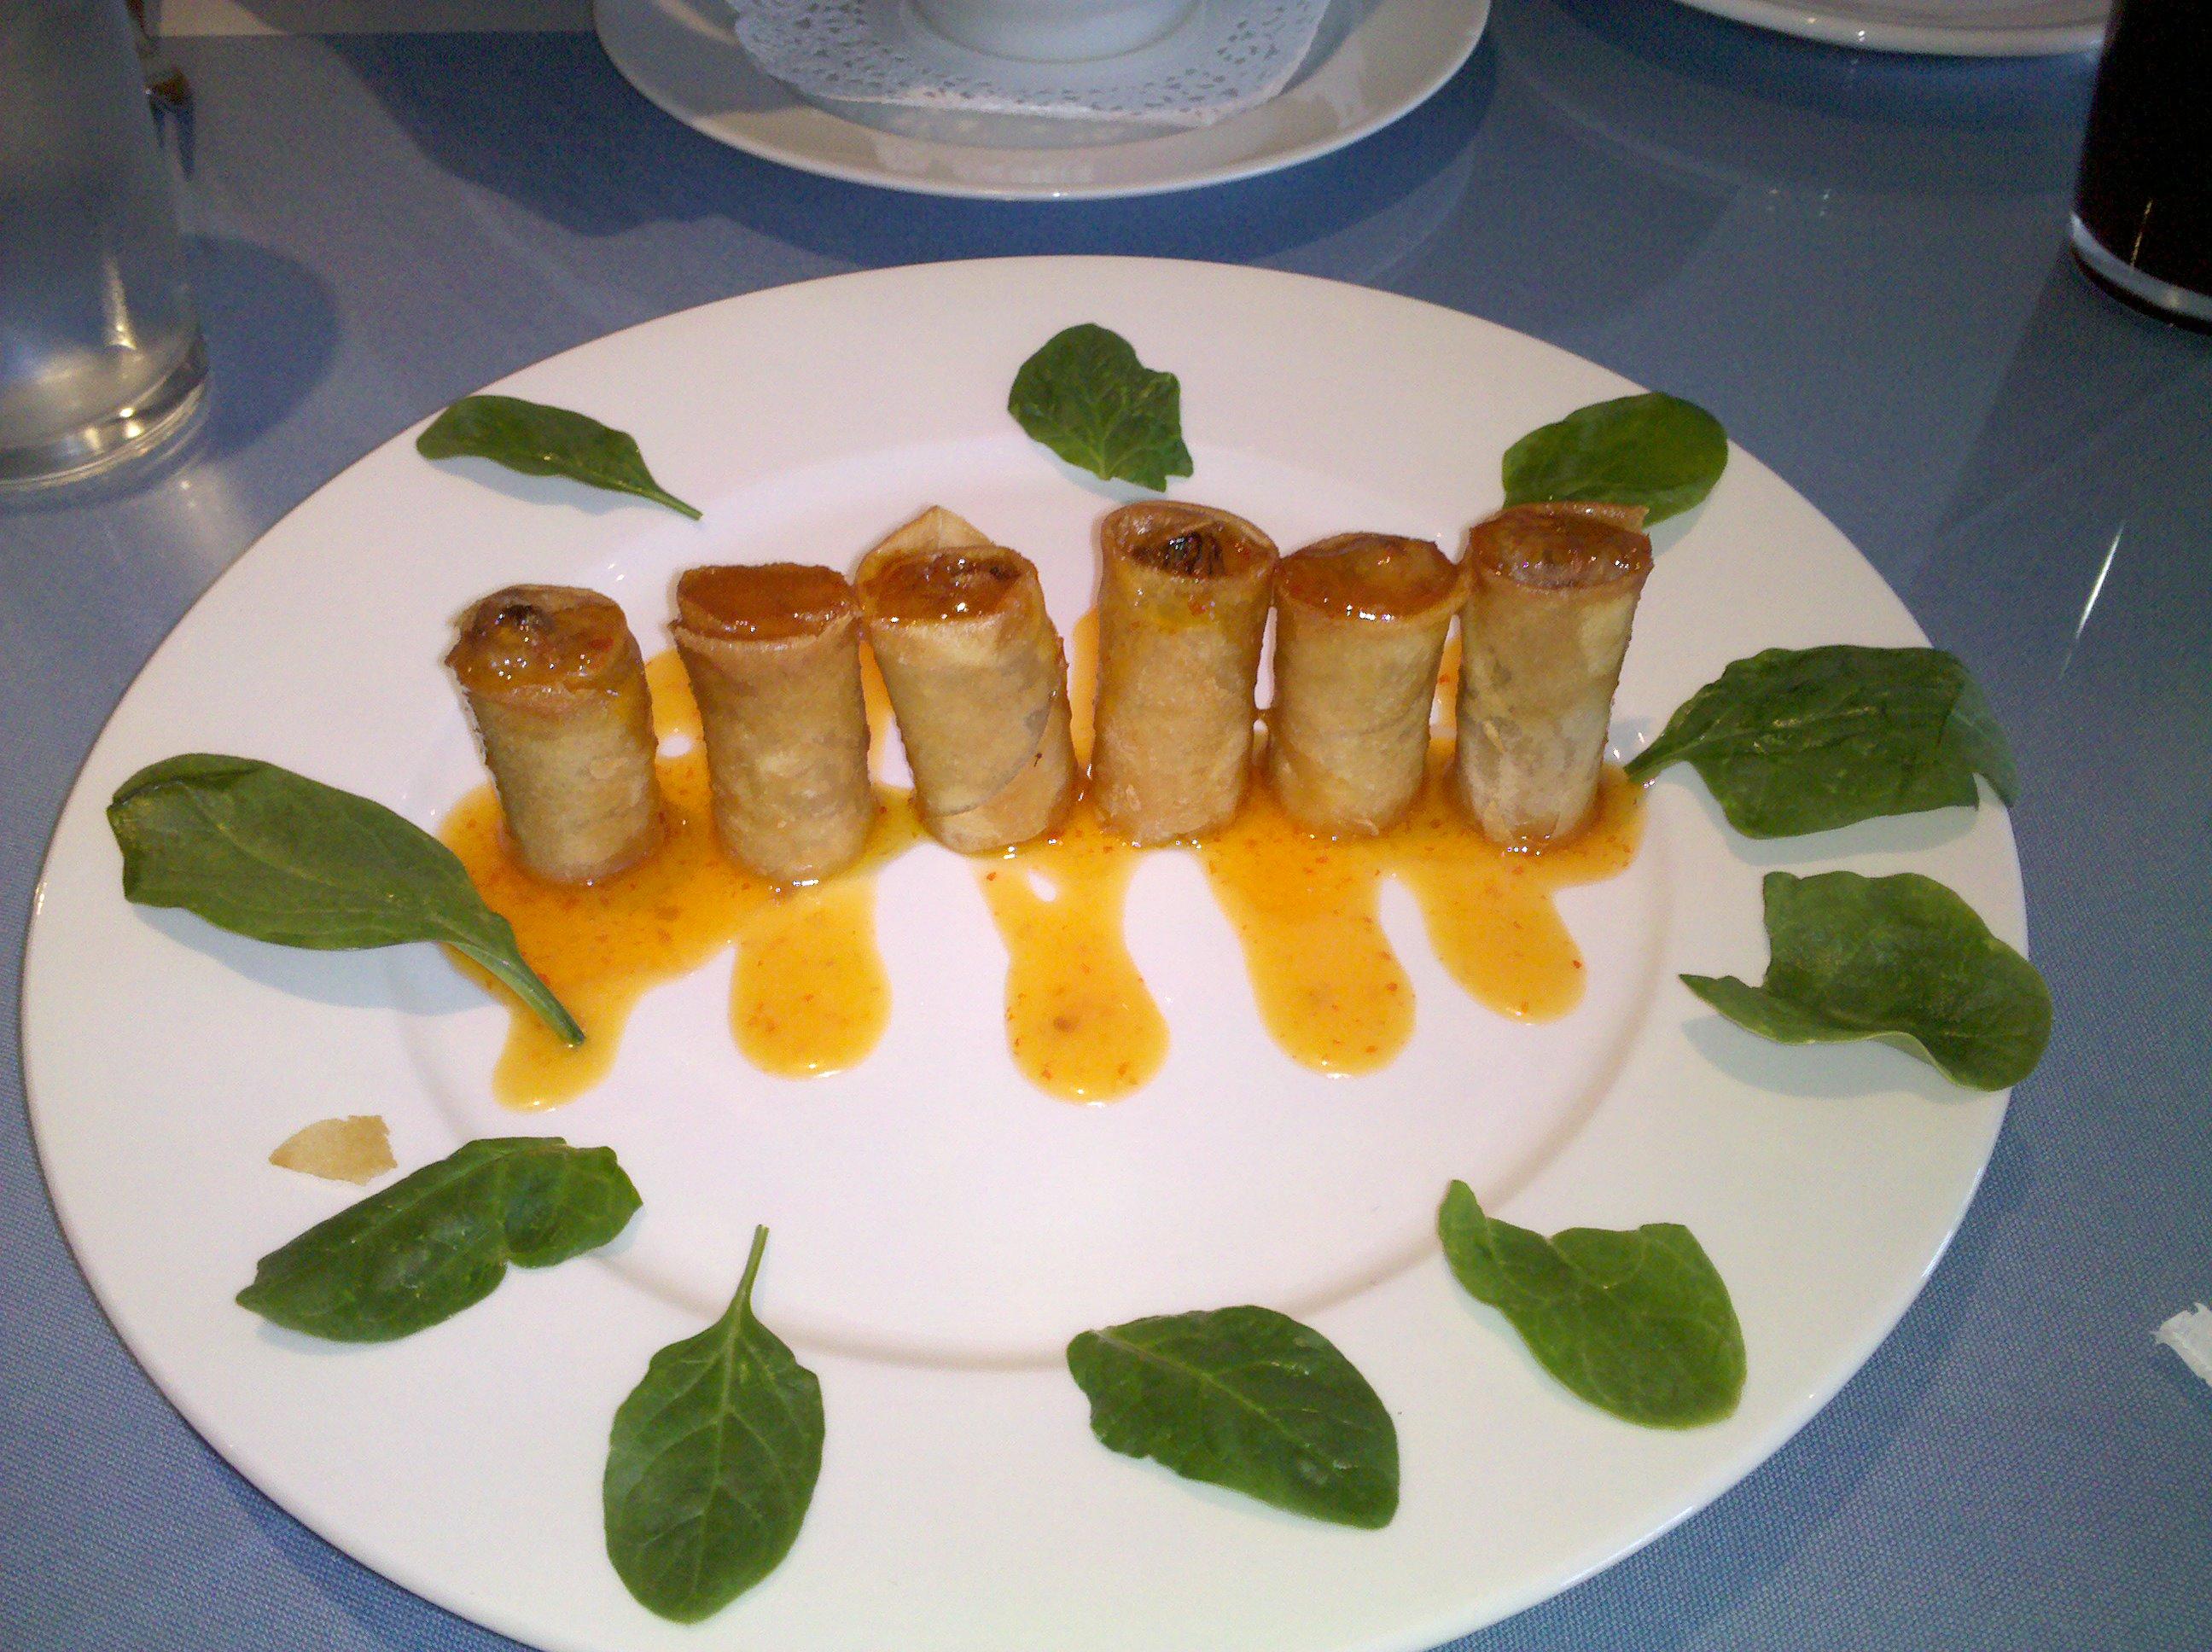 albany :: veggie spring rolls